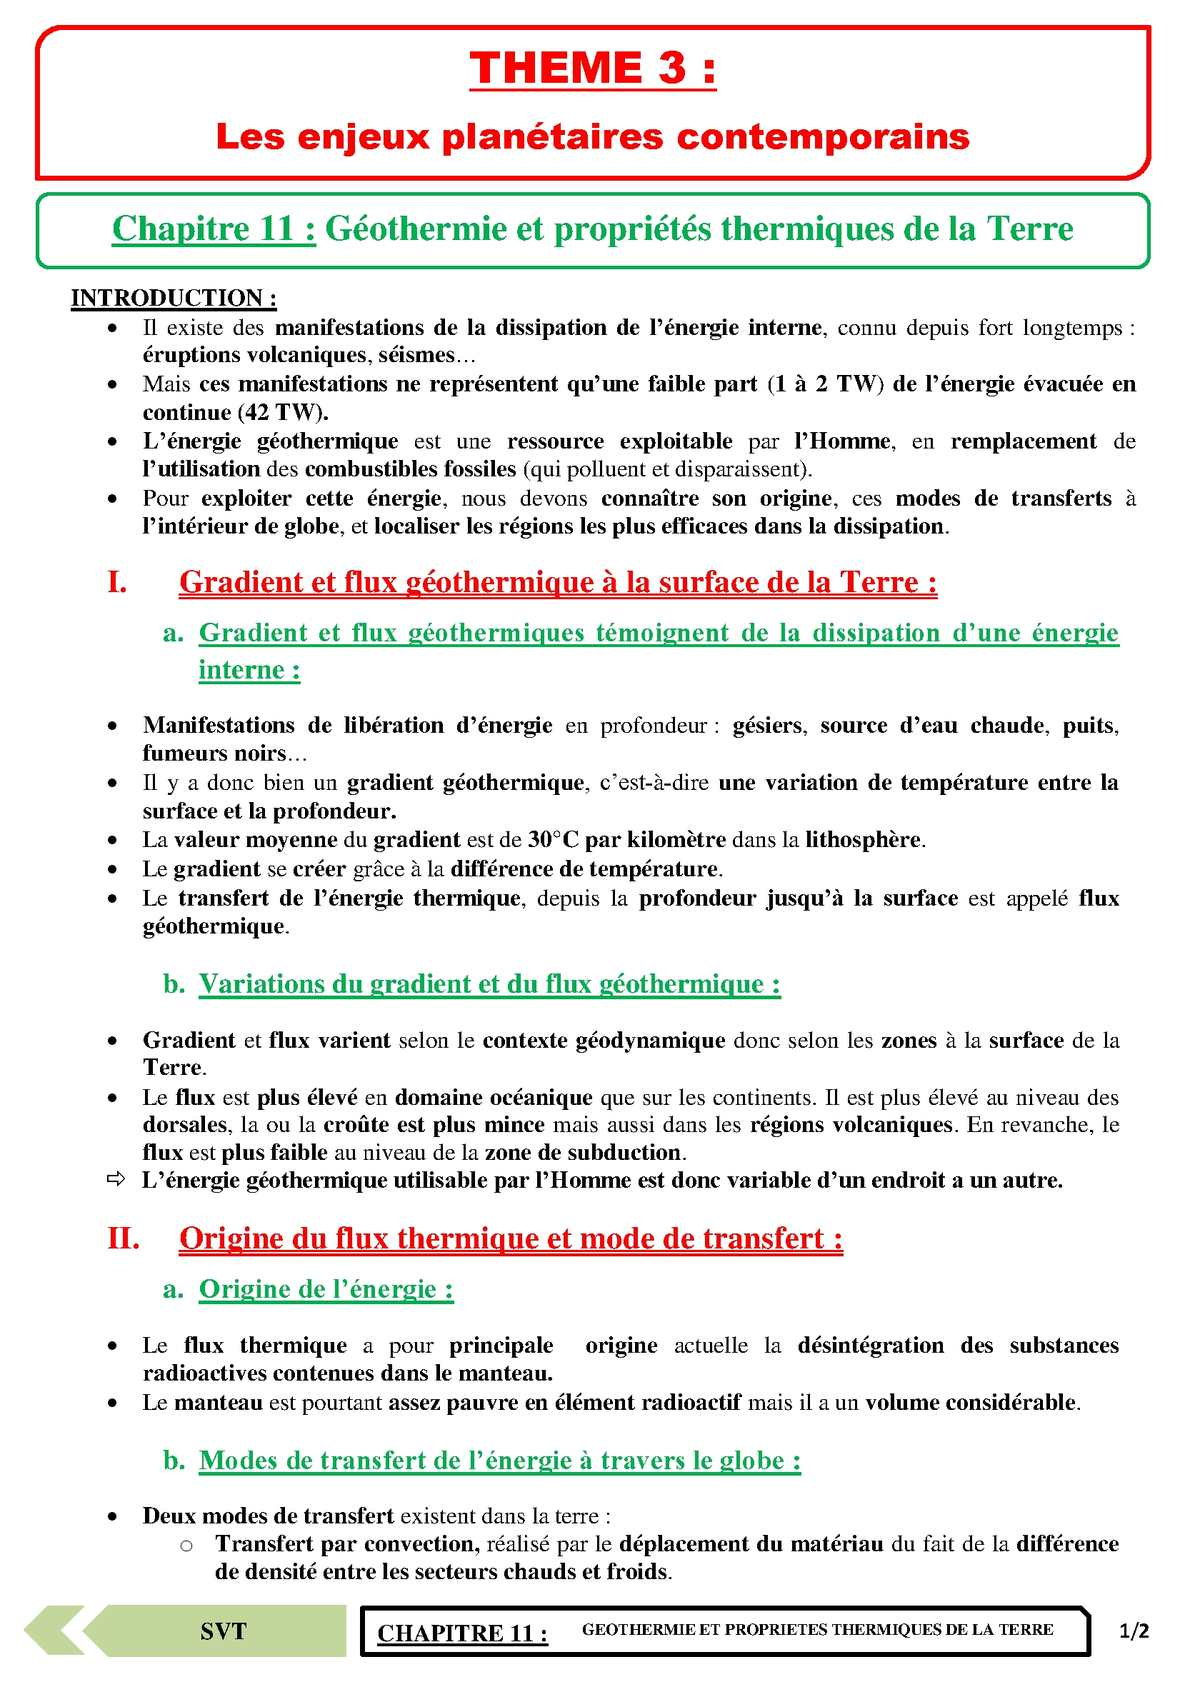 TS - SVT - Chapitre 11 | JéSky.fr